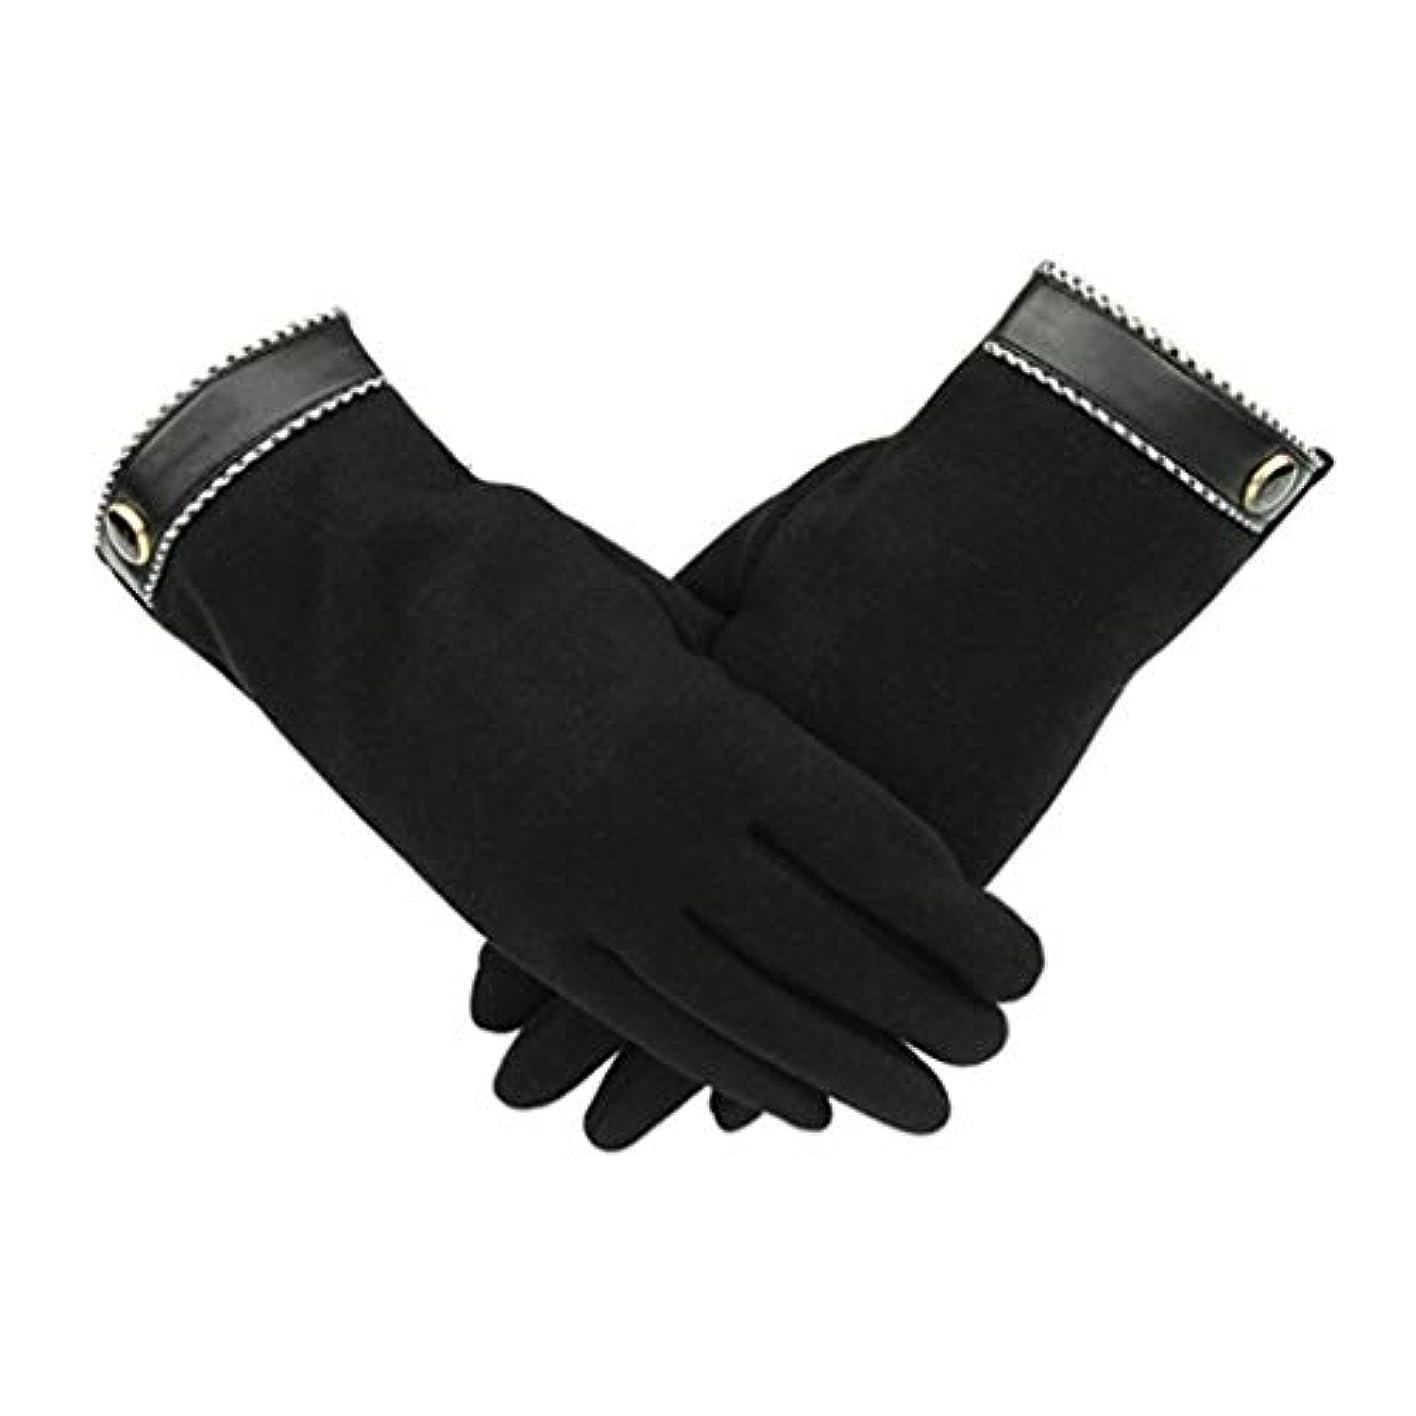 回転賢い姪手袋の男性プラスベルベット暖かい春と秋冬の屋外旅行は、ベルベットのタッチスクリーンの手袋ではない (色 : 黒)